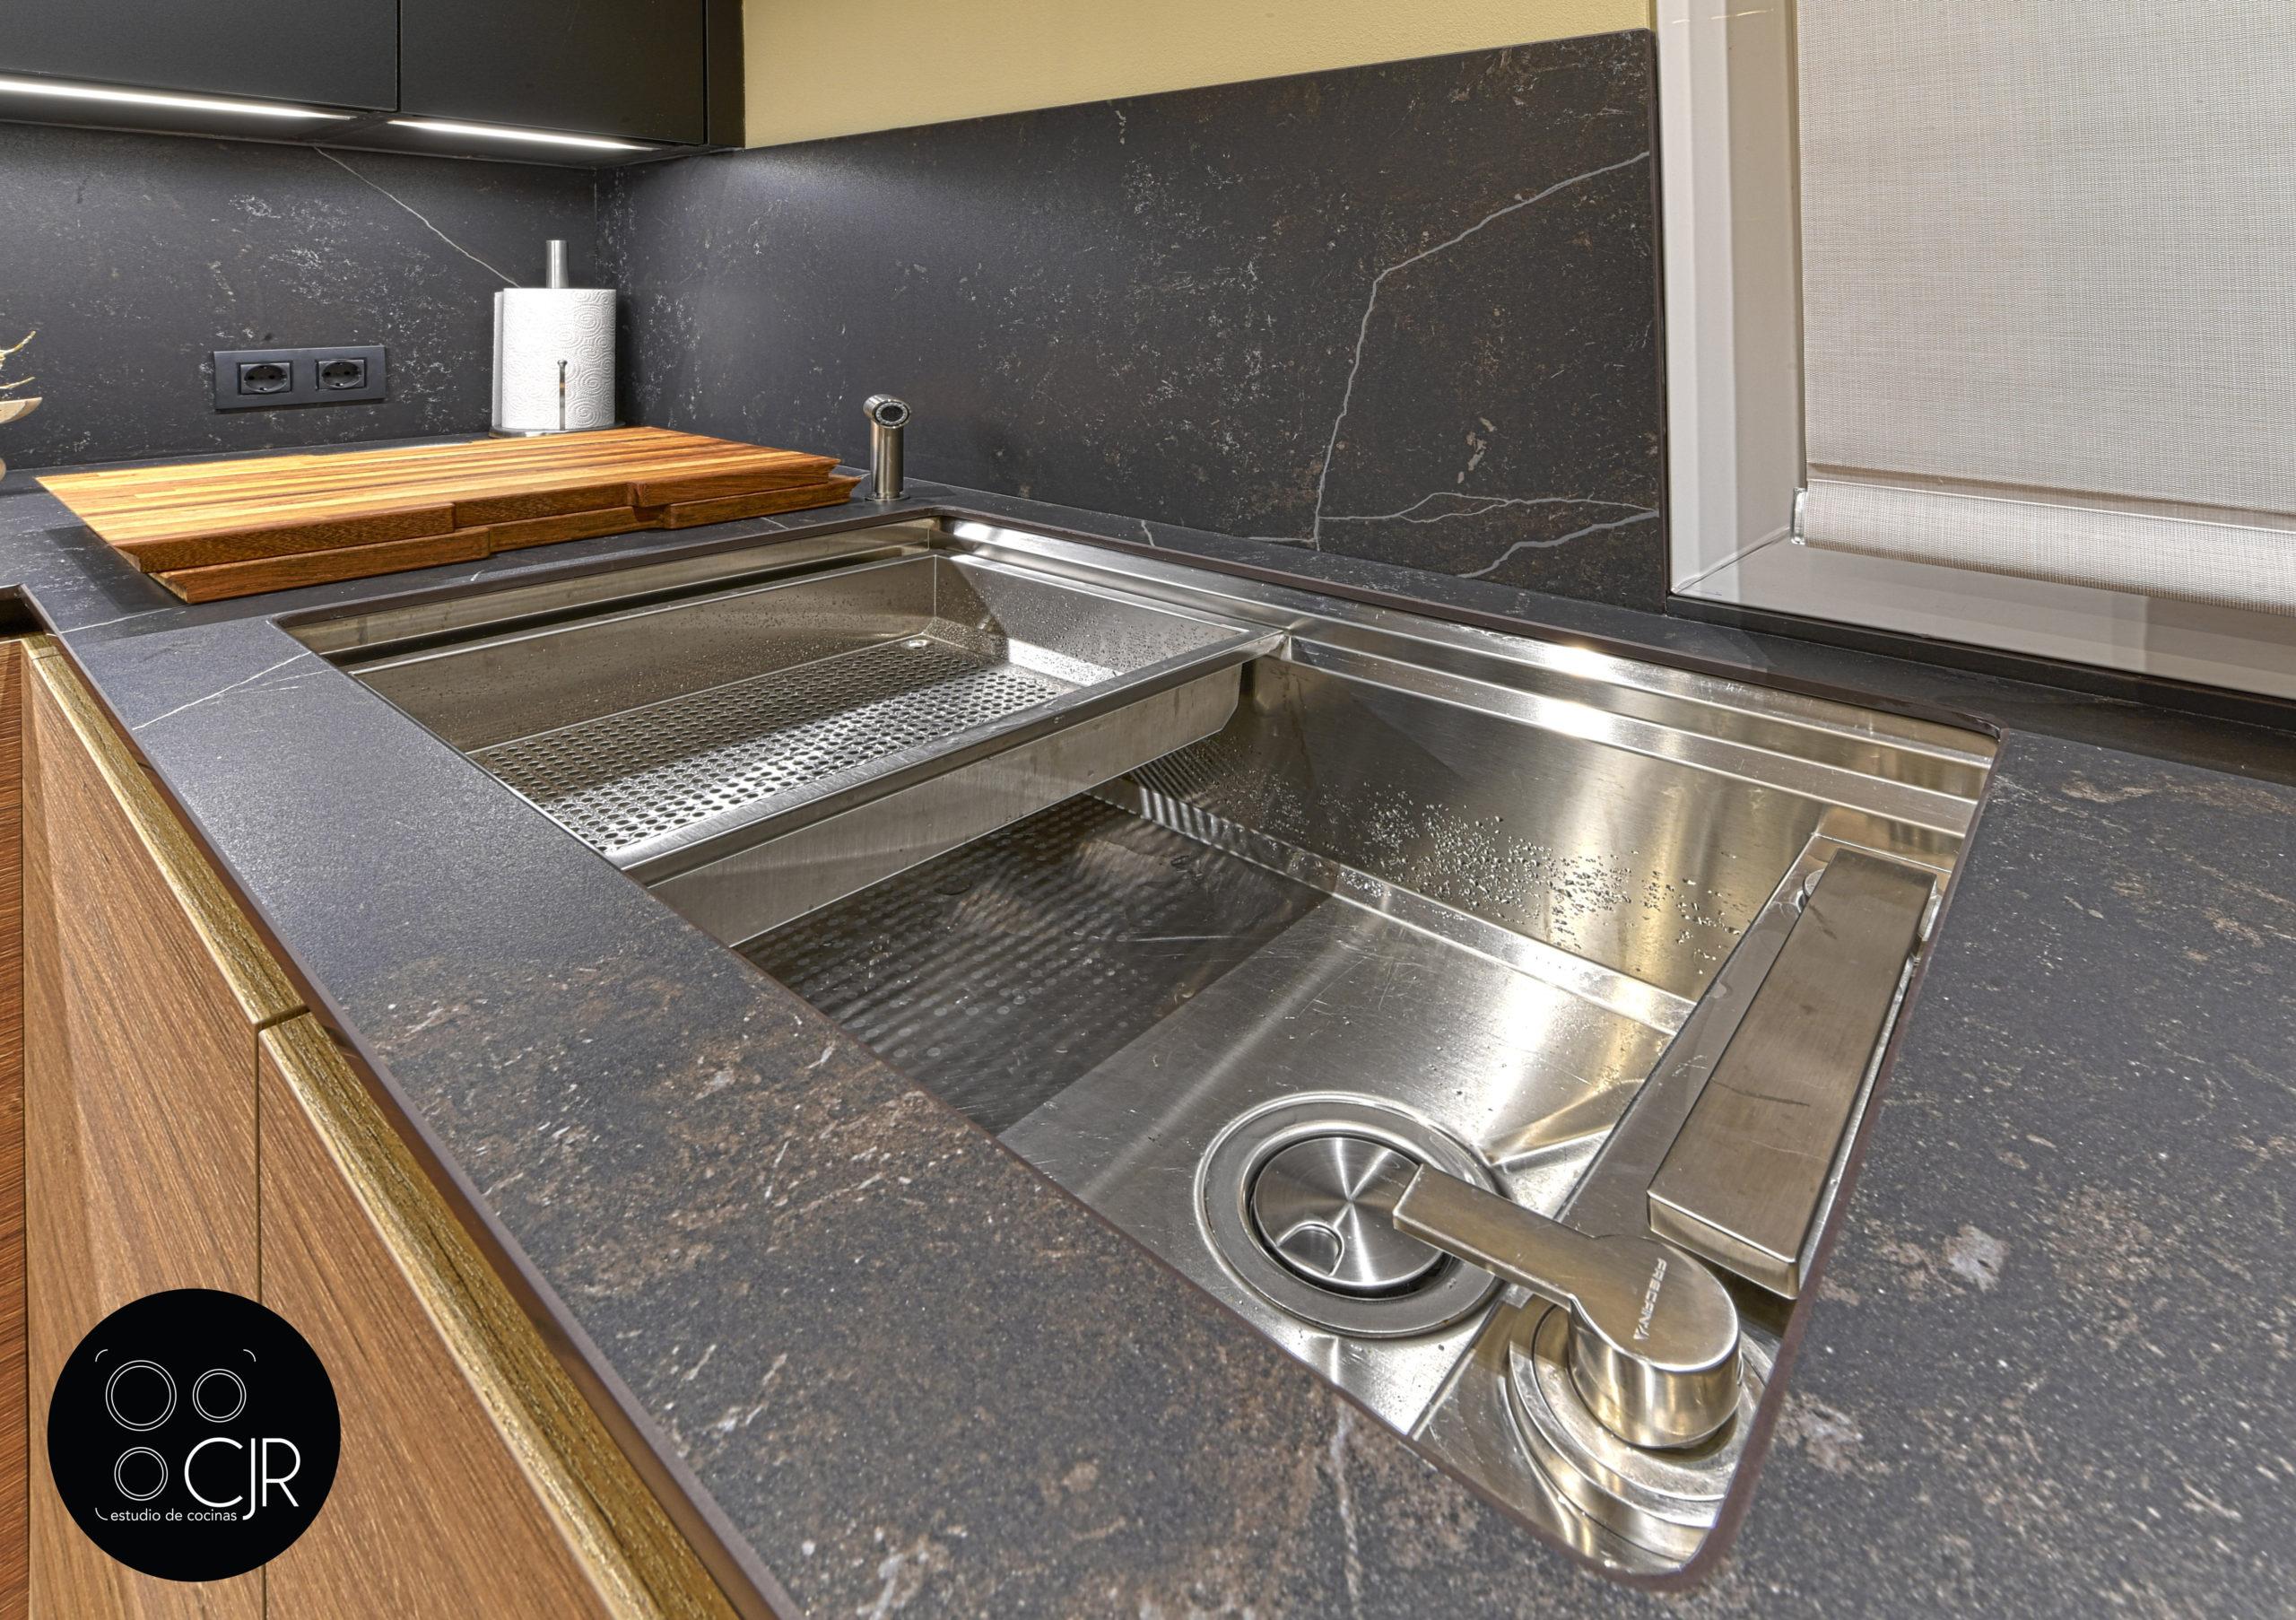 Fregadero recogido en cocina moderna negra y madera